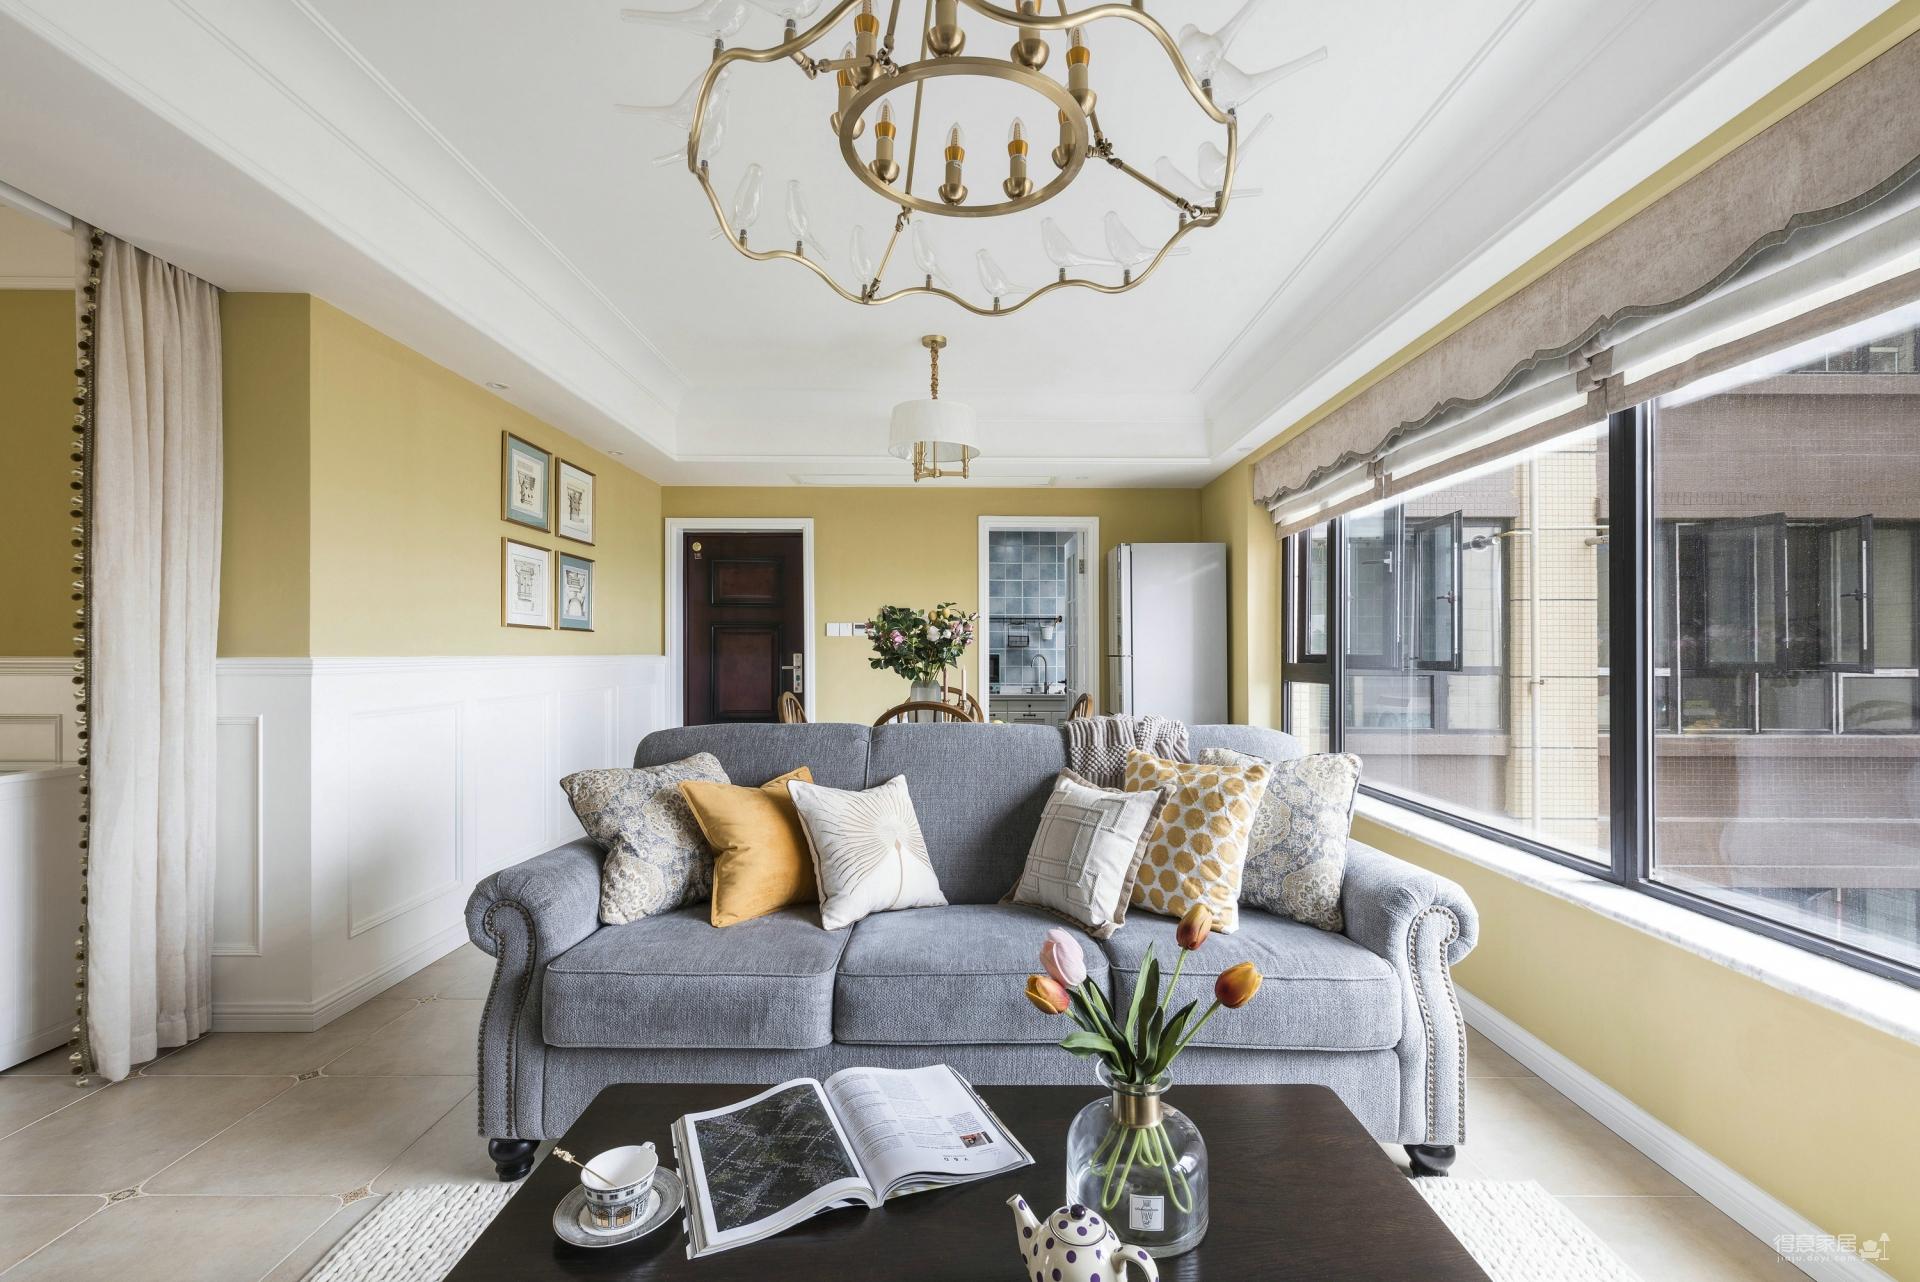 丰富的黄色背景,勾勒出温馨的家